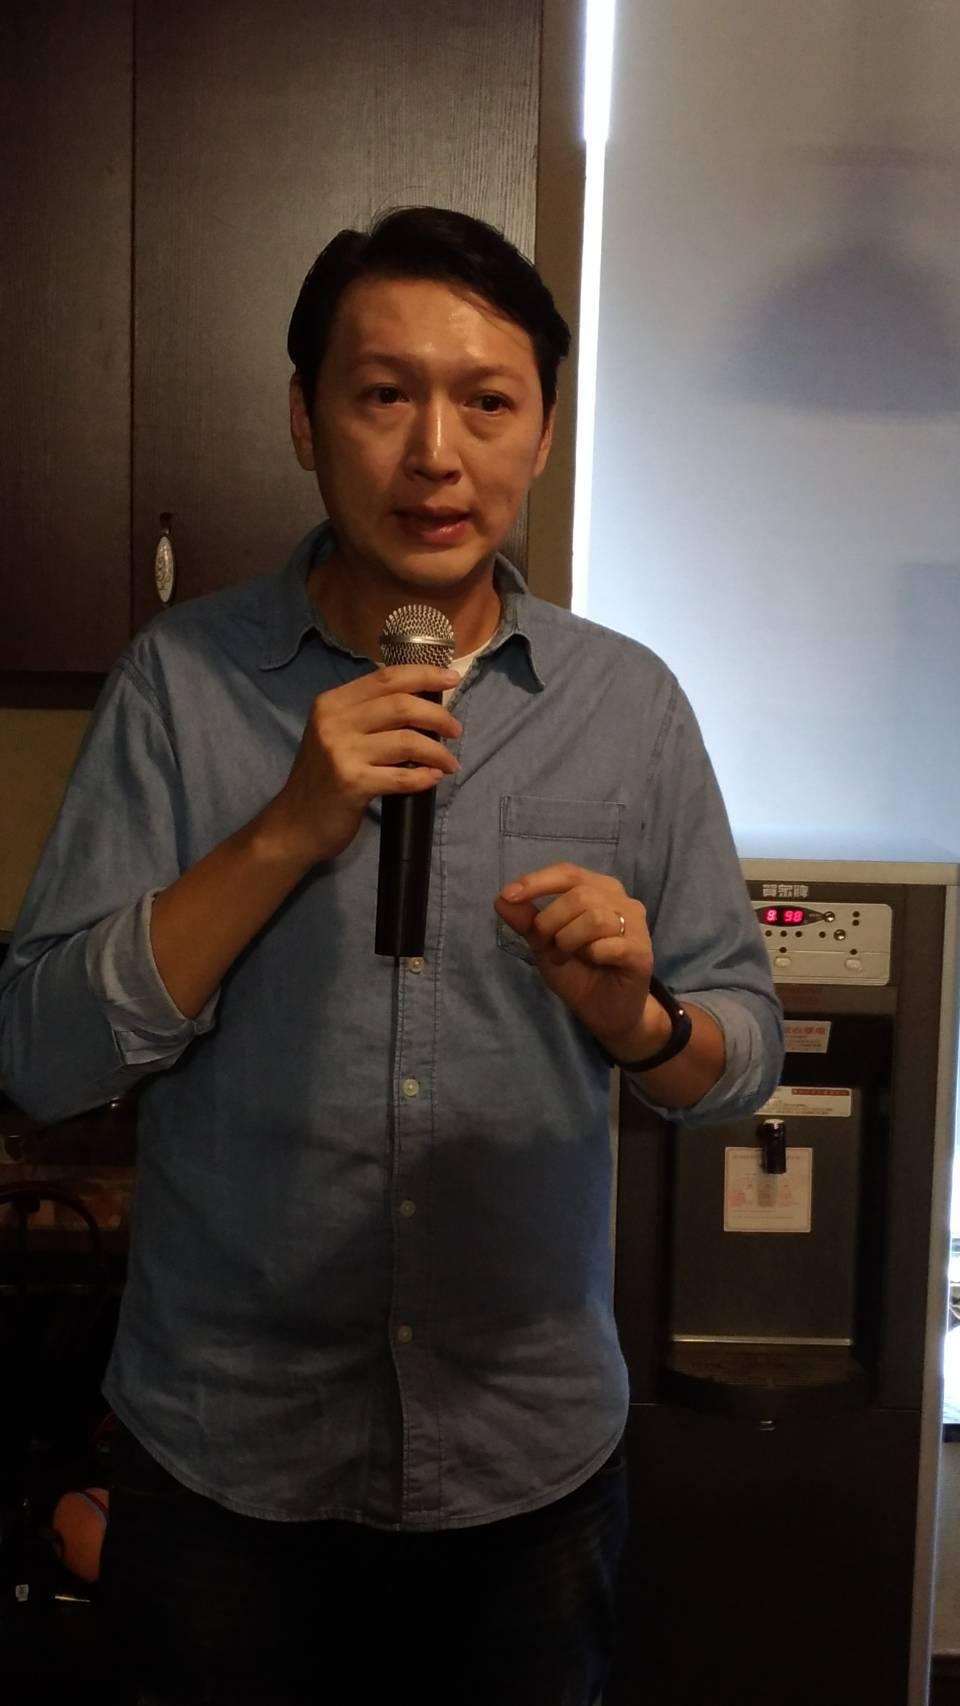 小米台灣總經理李佳峰表示,明年來台擴大展店,由四家倍增至十家,大舉來台展店挹注,...